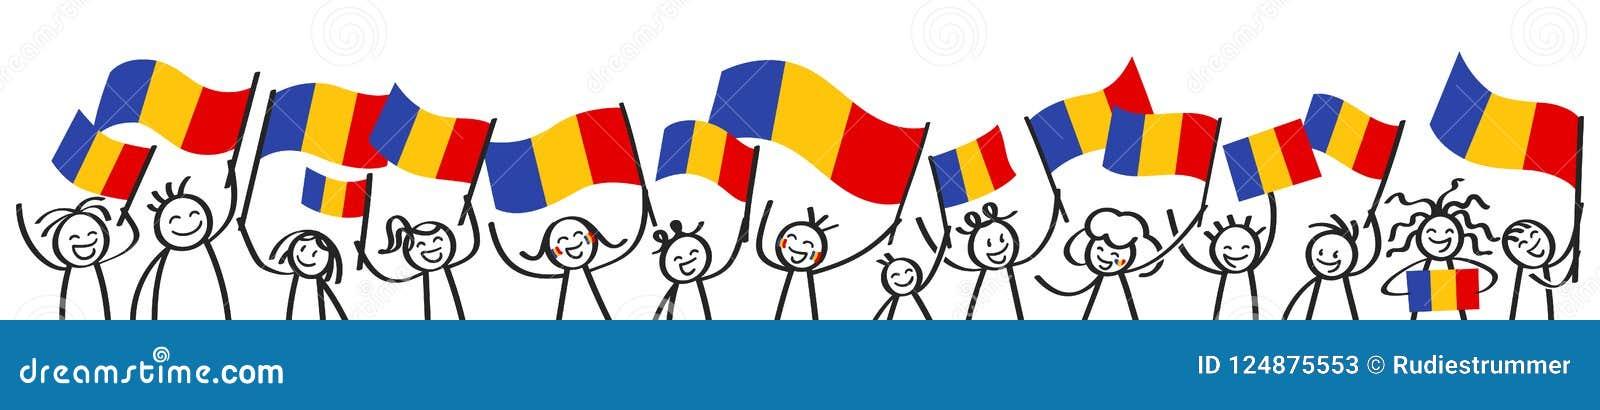 La foule encourageante du bâton heureux figure avec les drapeaux nationaux roumains, défenseurs de sourire de la Roumanie, fans d